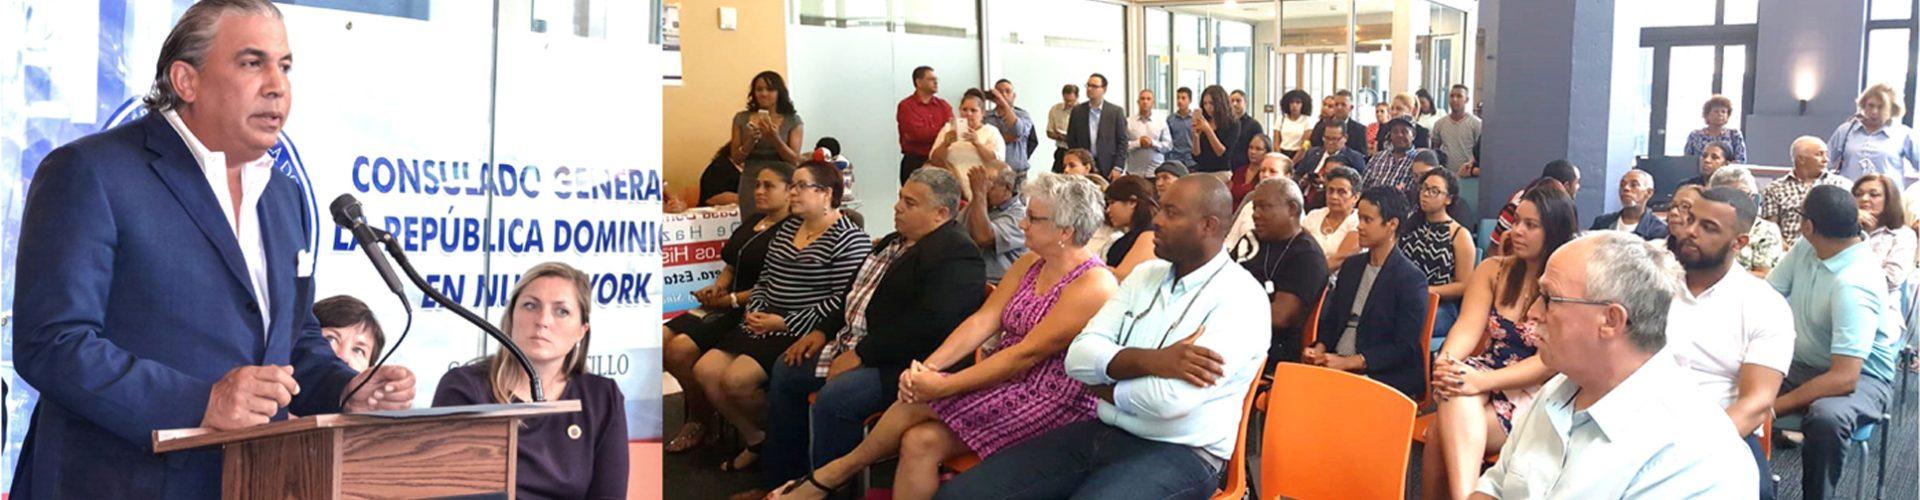 Consulado realiza actividad en Pensilvania